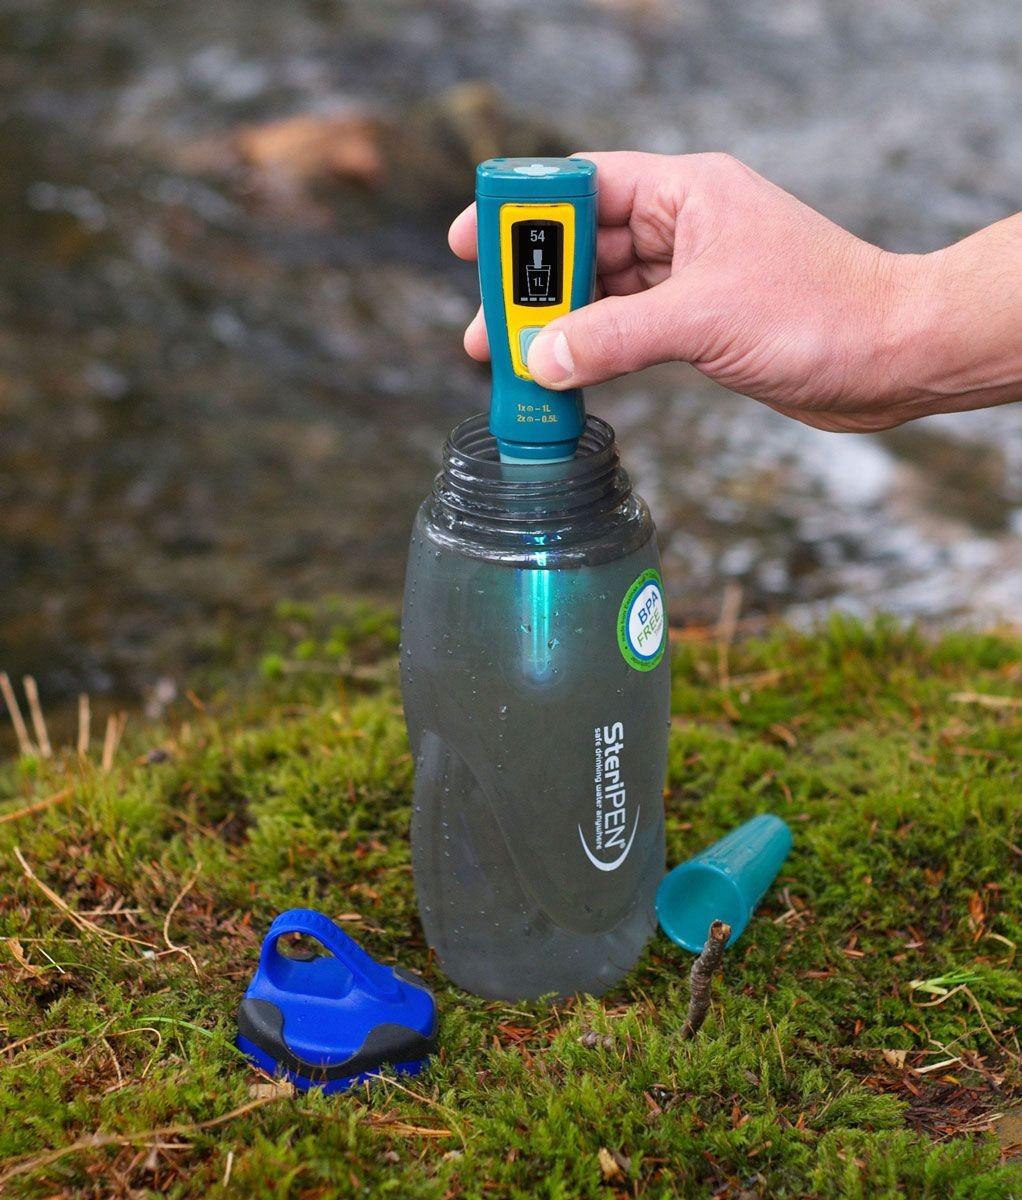 Potabilizando agua con el Steripen, por Ultravioletas